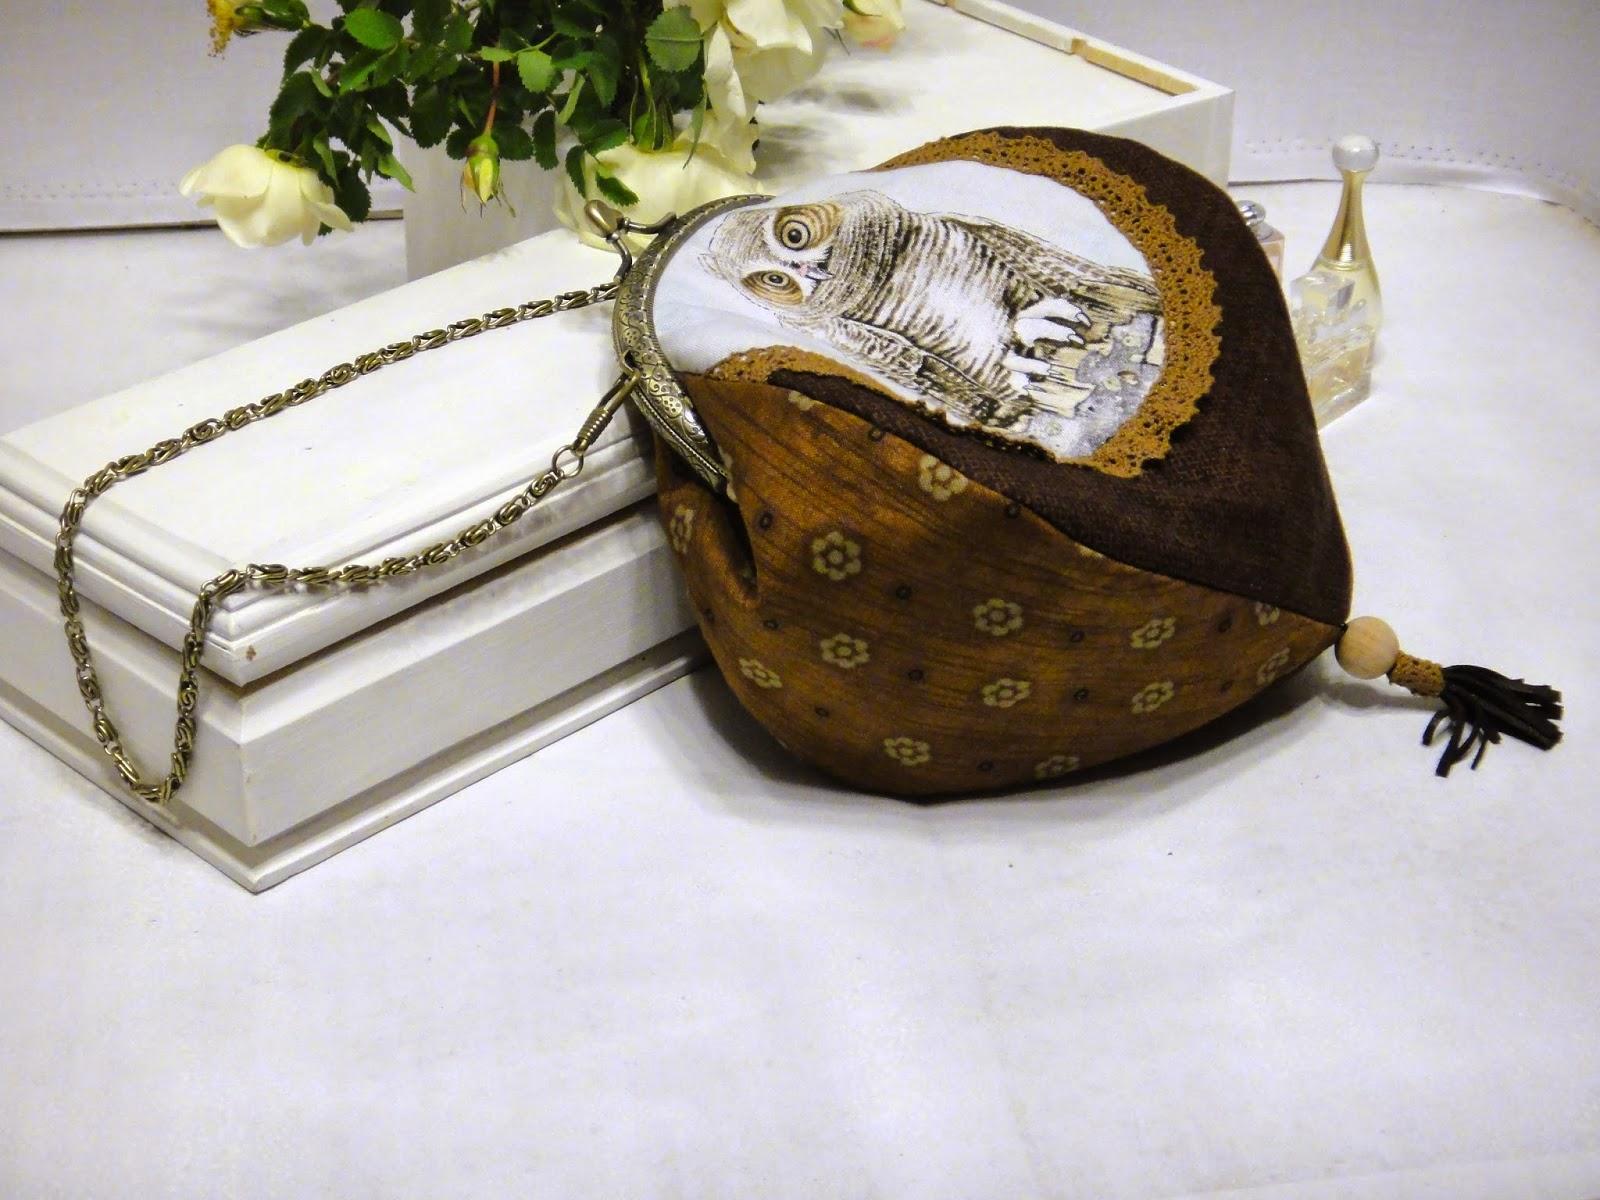 Театральная сумочка для телефона и косметики - подарок на день рождения